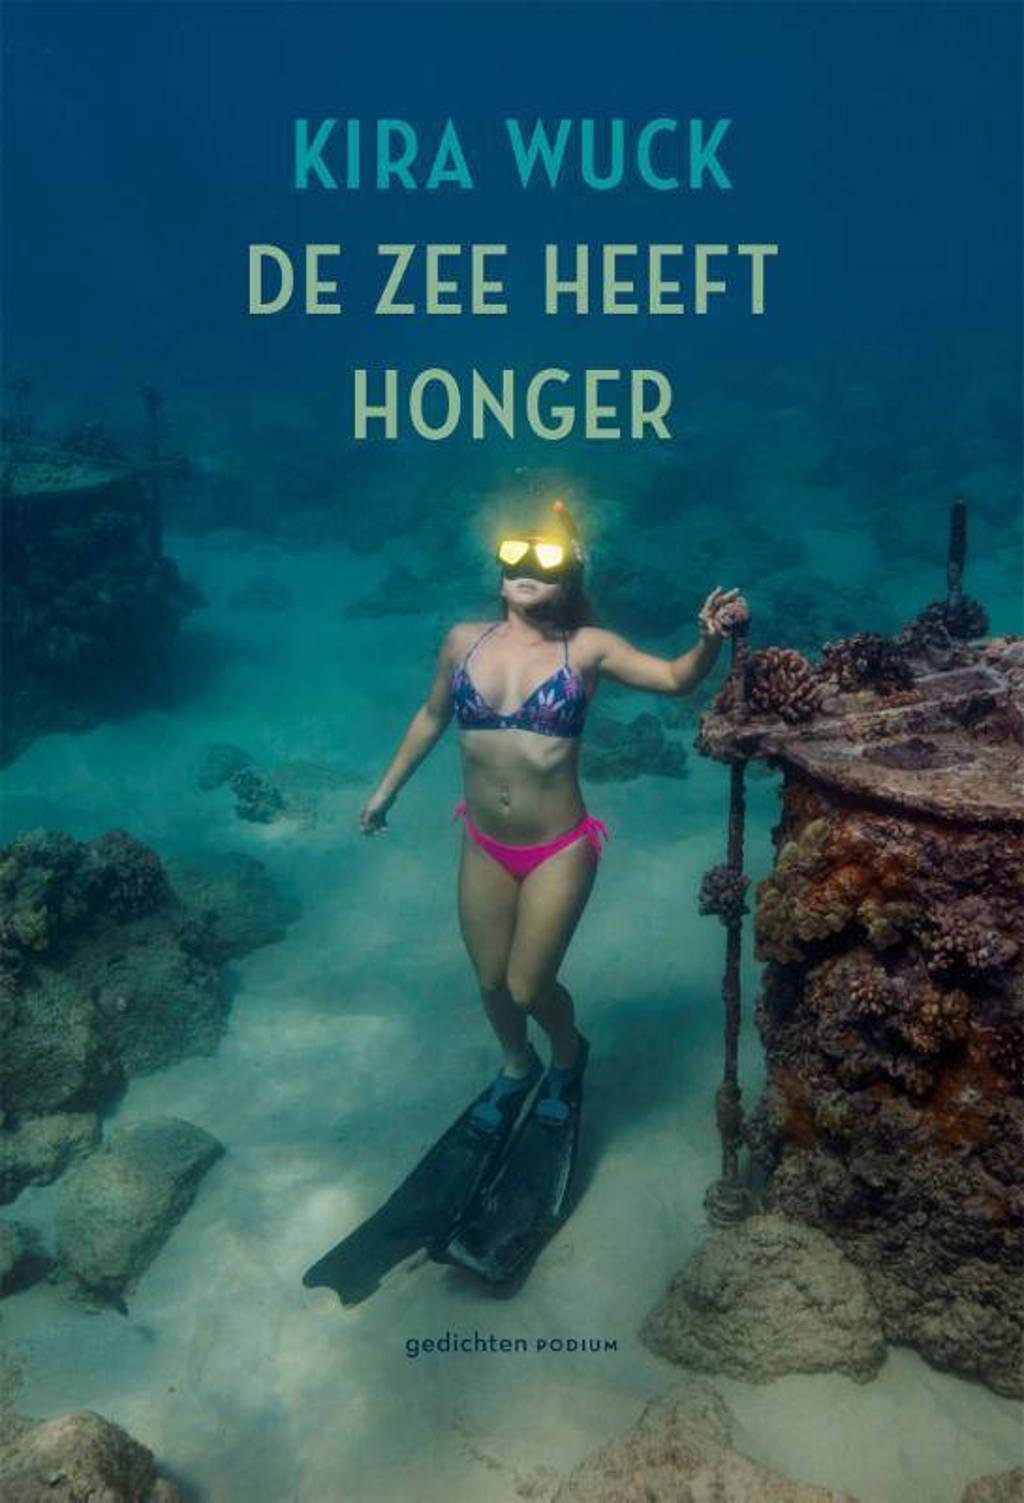 De zee heeft honger - Kira Wuck